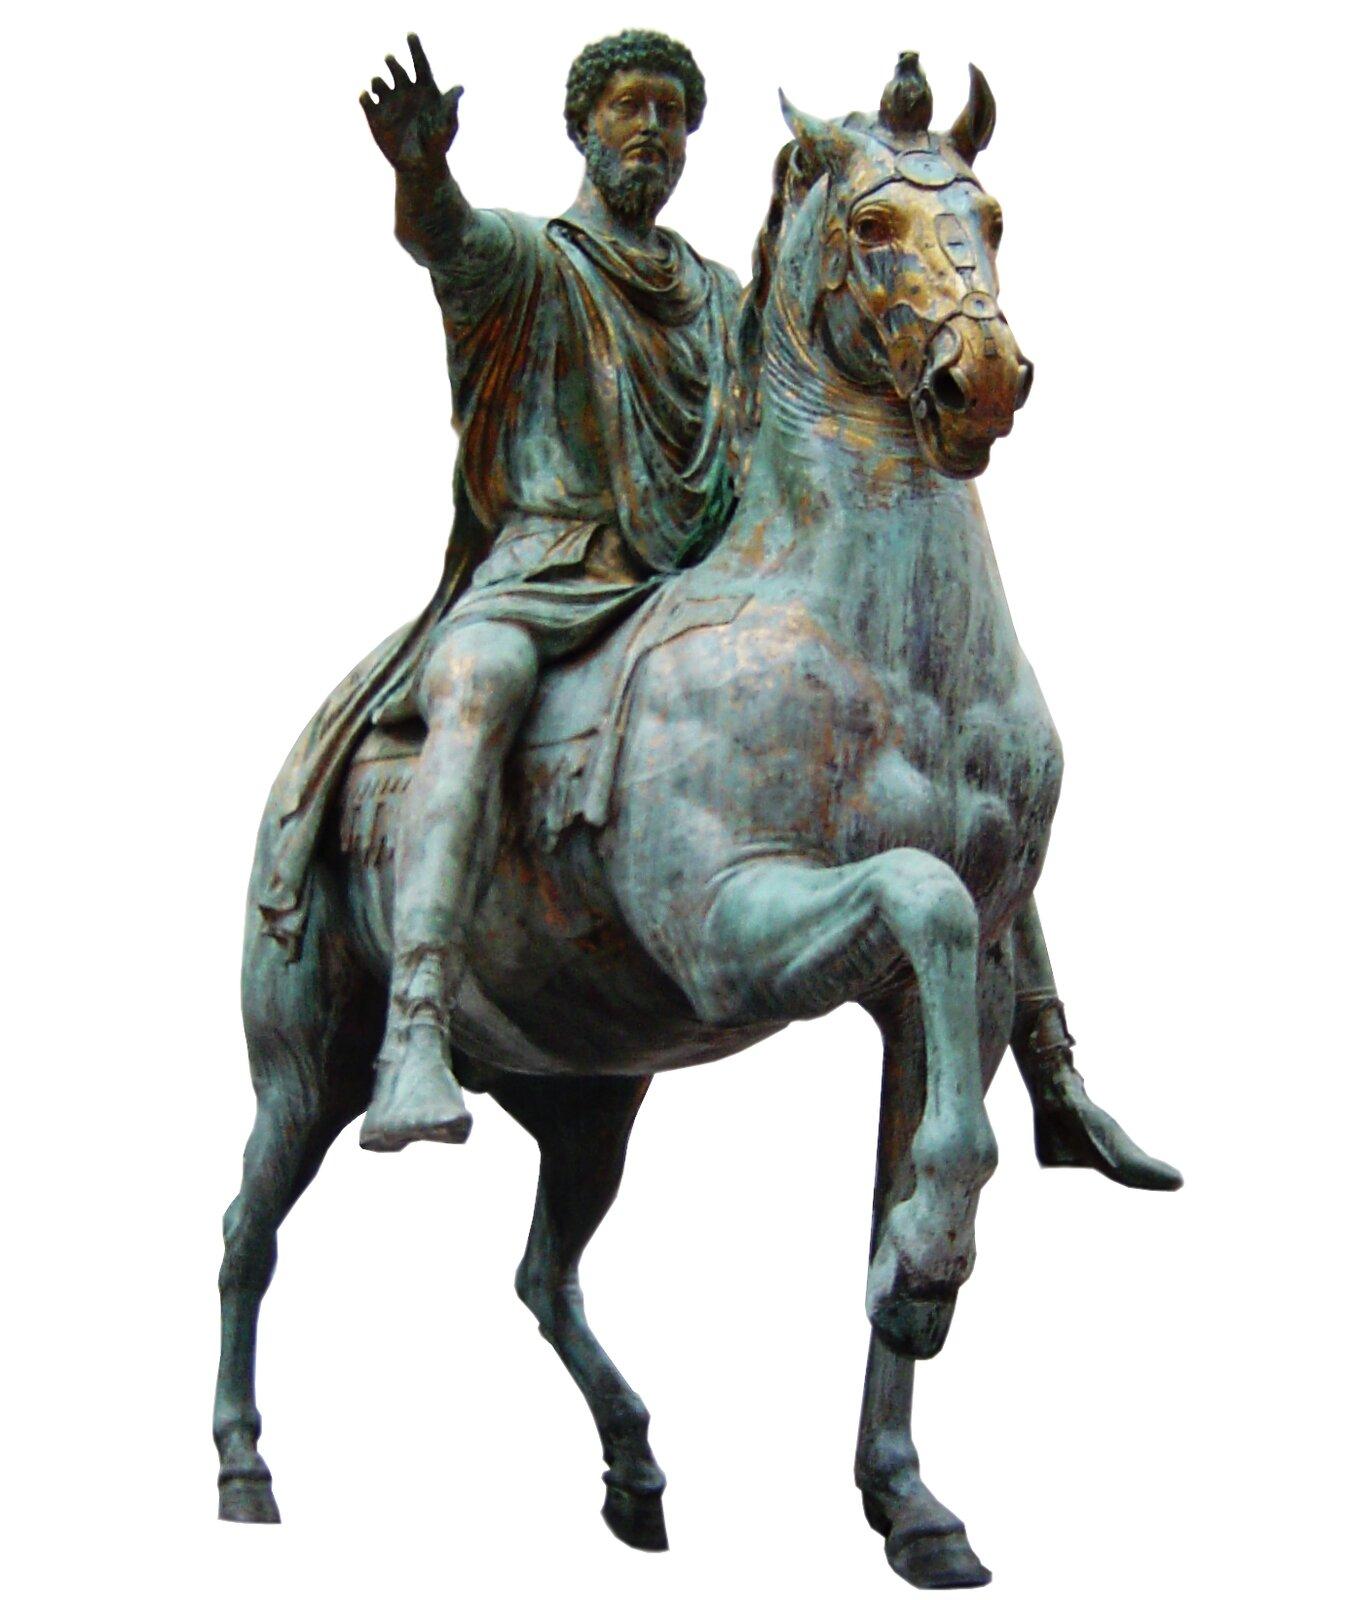 Rzeźba przedstawiająca brodatego mężczyznę siedzącego na koniu. Mężczyzna ma wyciągniętą przed siebie prawą rękę. Posąg jest zmetalu pokrytego zieloną patyną, wniektórych miejscach widać jednak złoty kolor metalu.